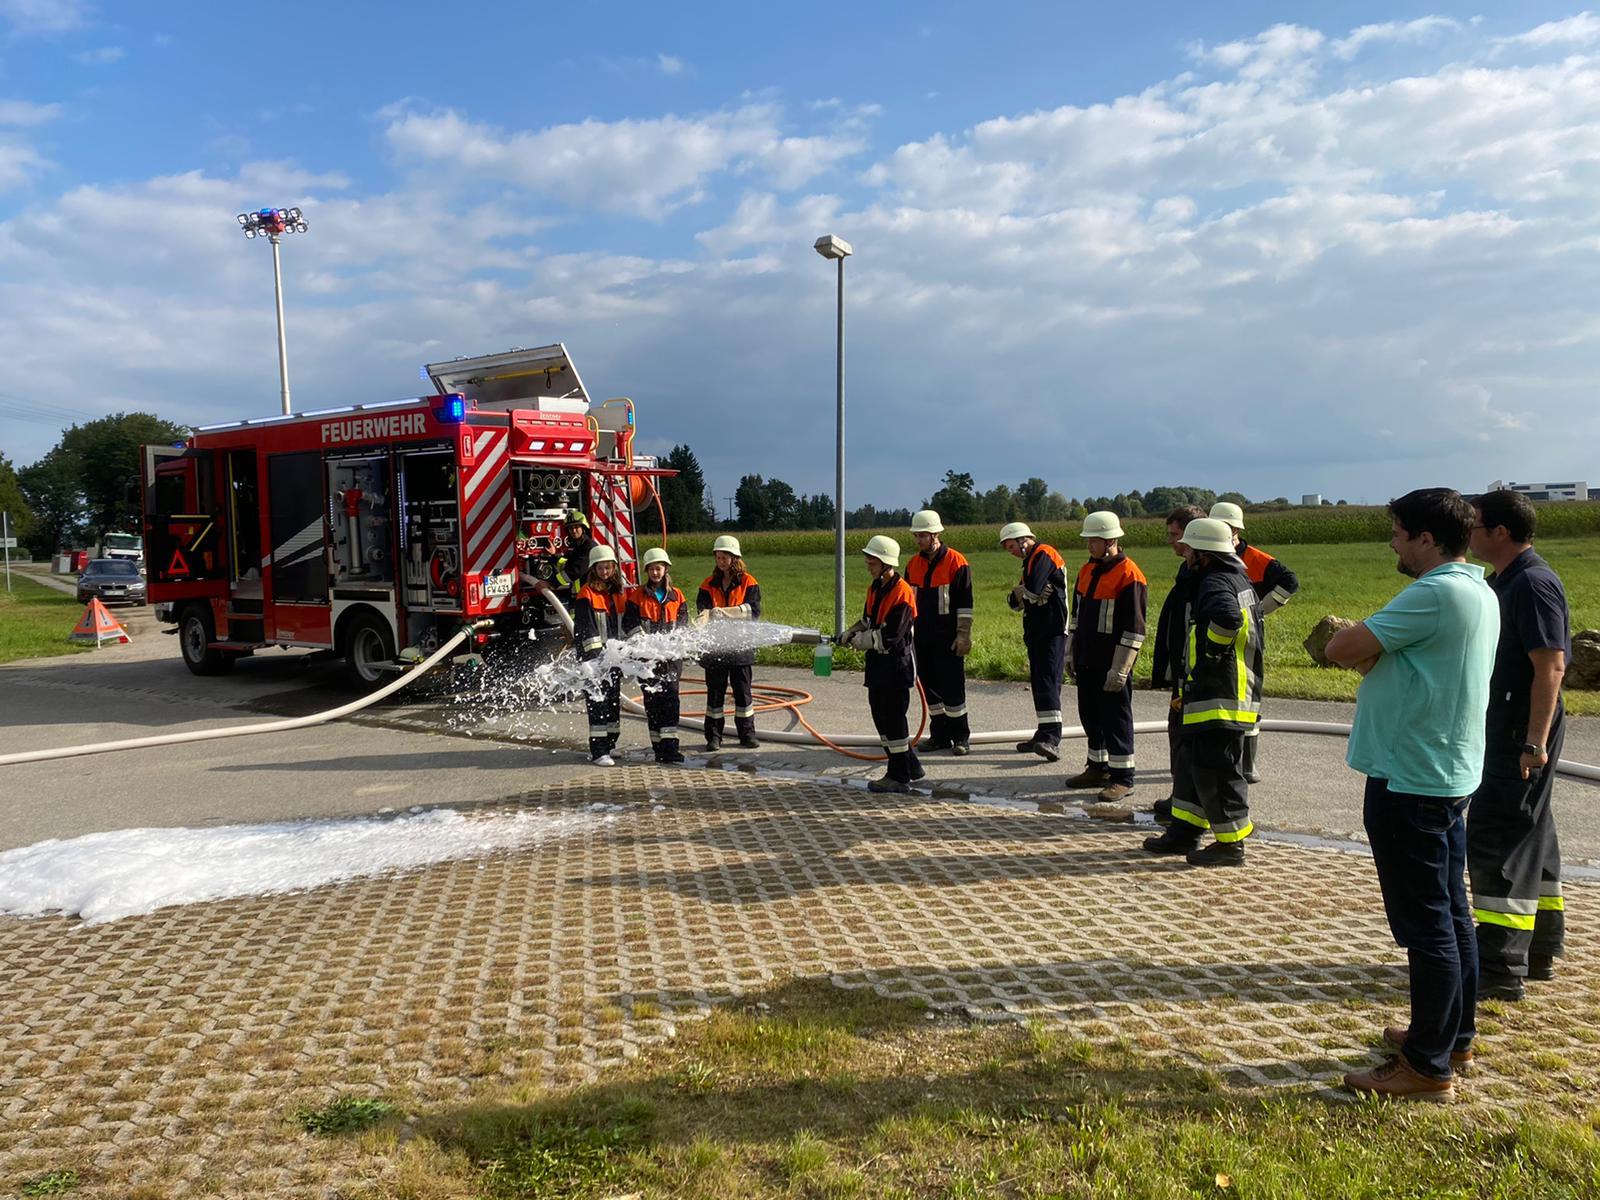 Feuerwehr veranstaltet einen Schnuppertag